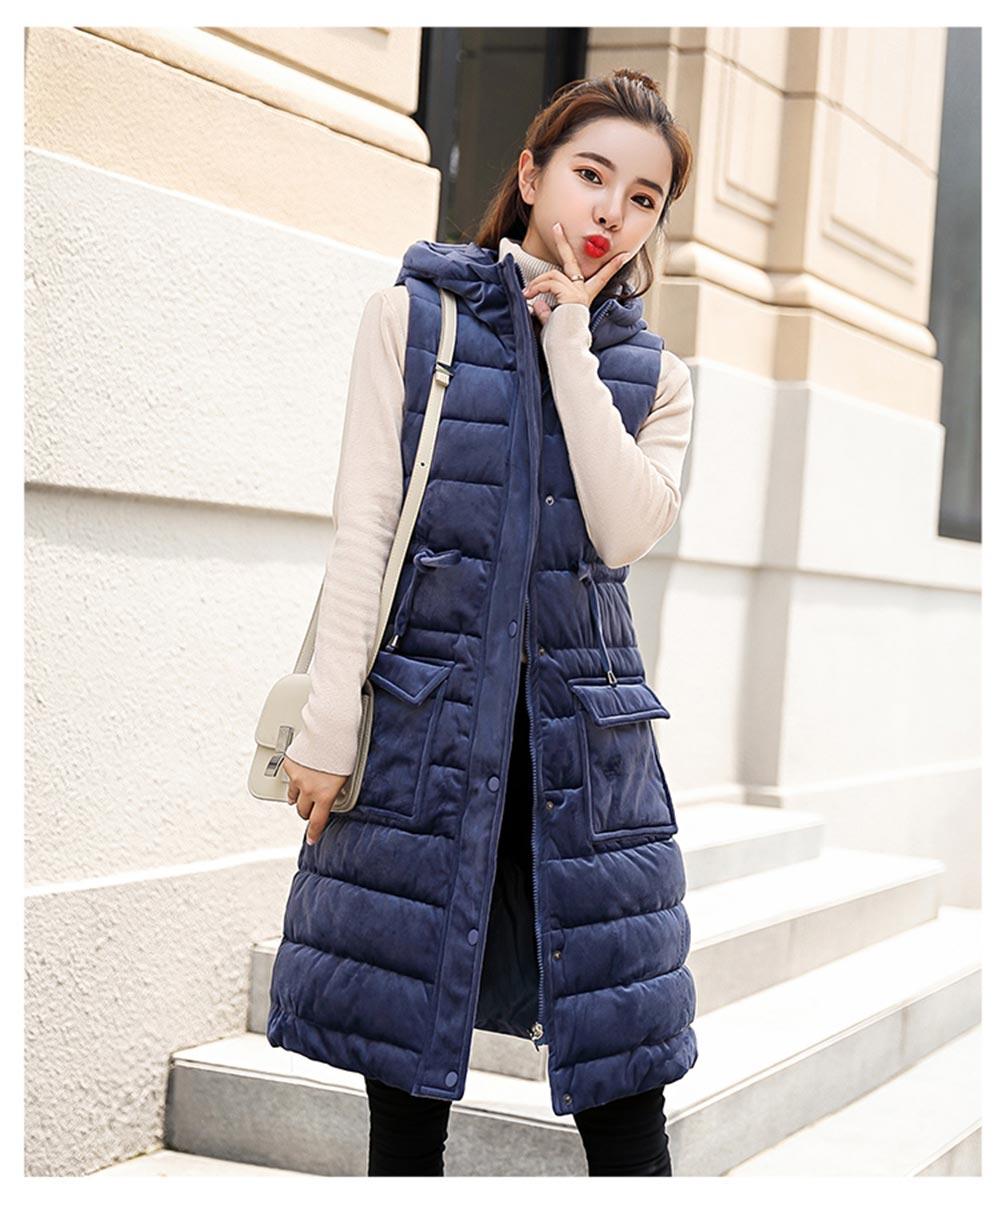 terciopelo mujer femenina chaqueta 9